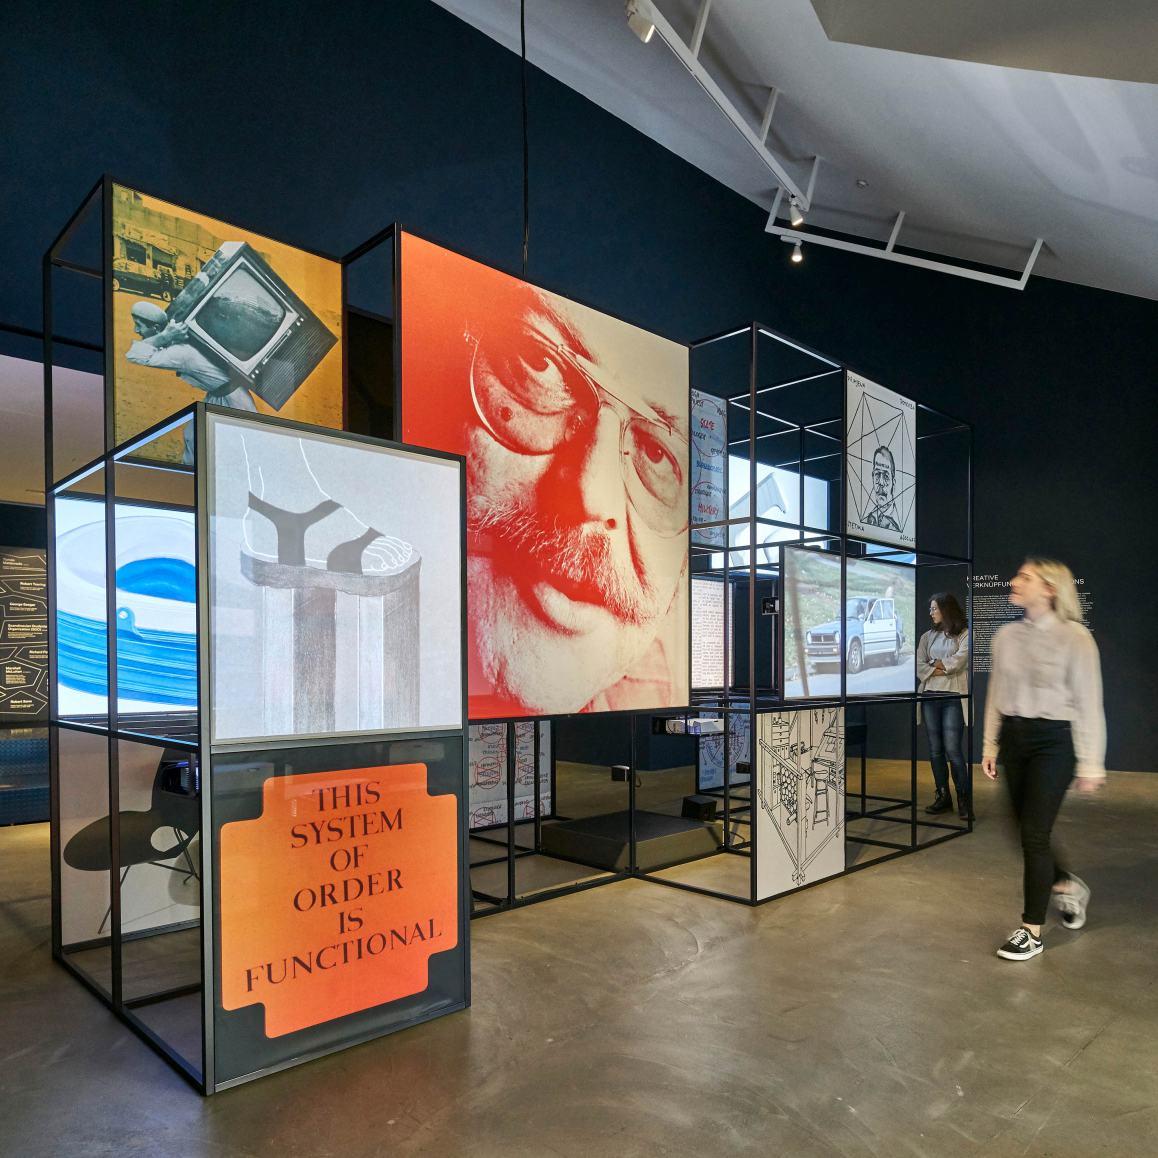 Installationsansicht © Vitra Design Museum, Foto: Norbert Miguletz